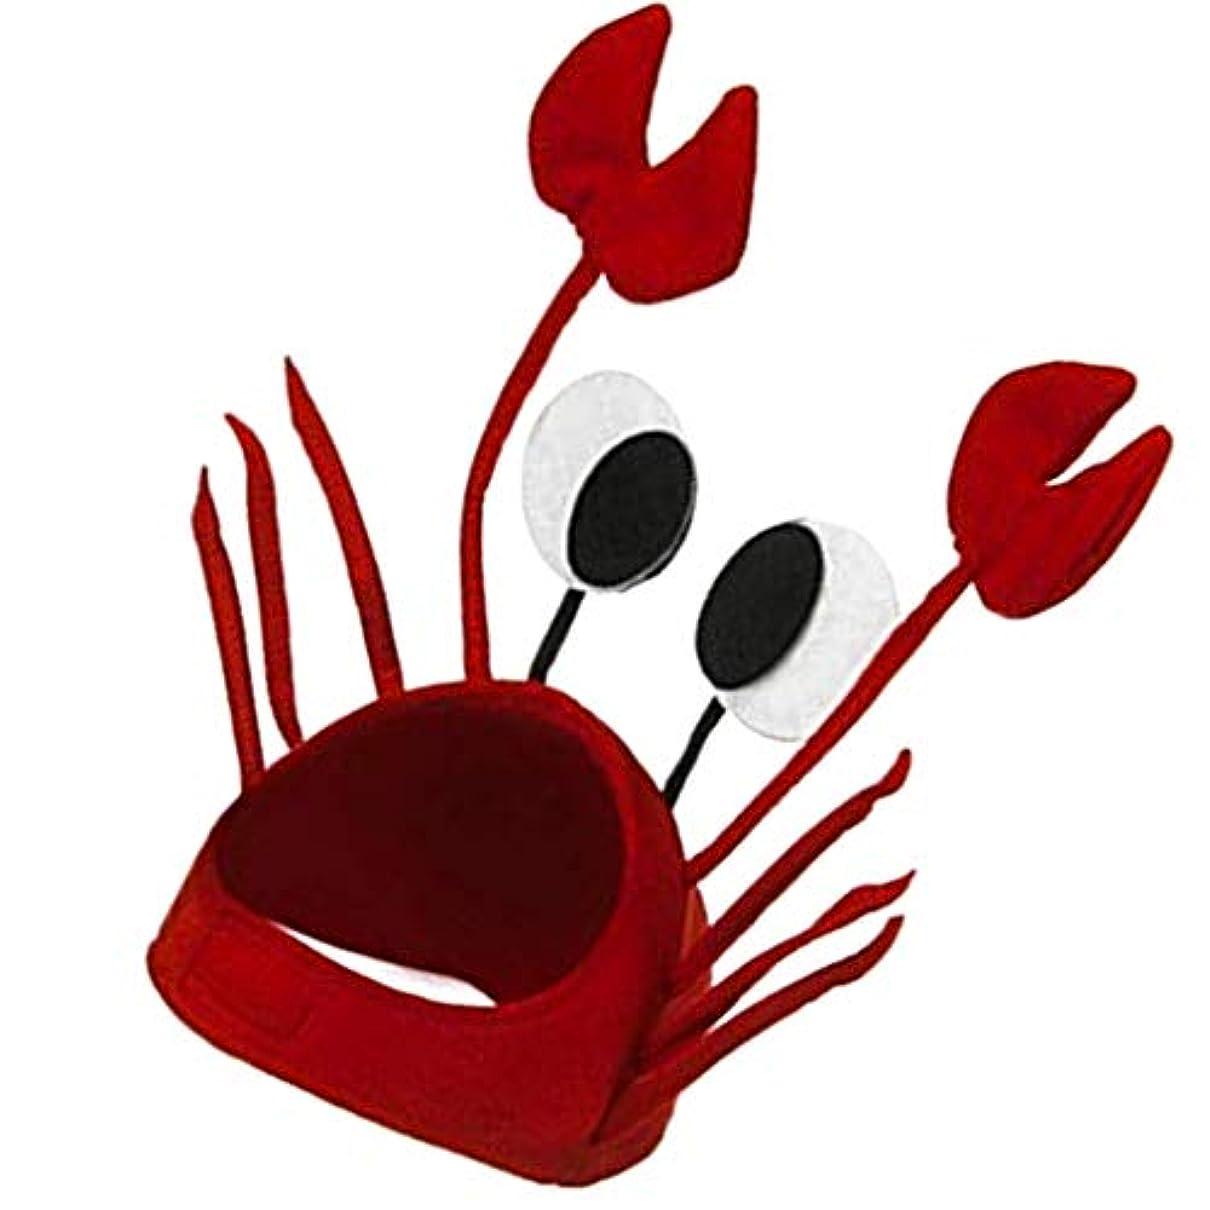 近々高音無謀uzinby 女の子 カニハット 幼稚園ボーイズ 子供の日 ビーニーキャップ おかしい 休日の小道具 クリスマスのギフト